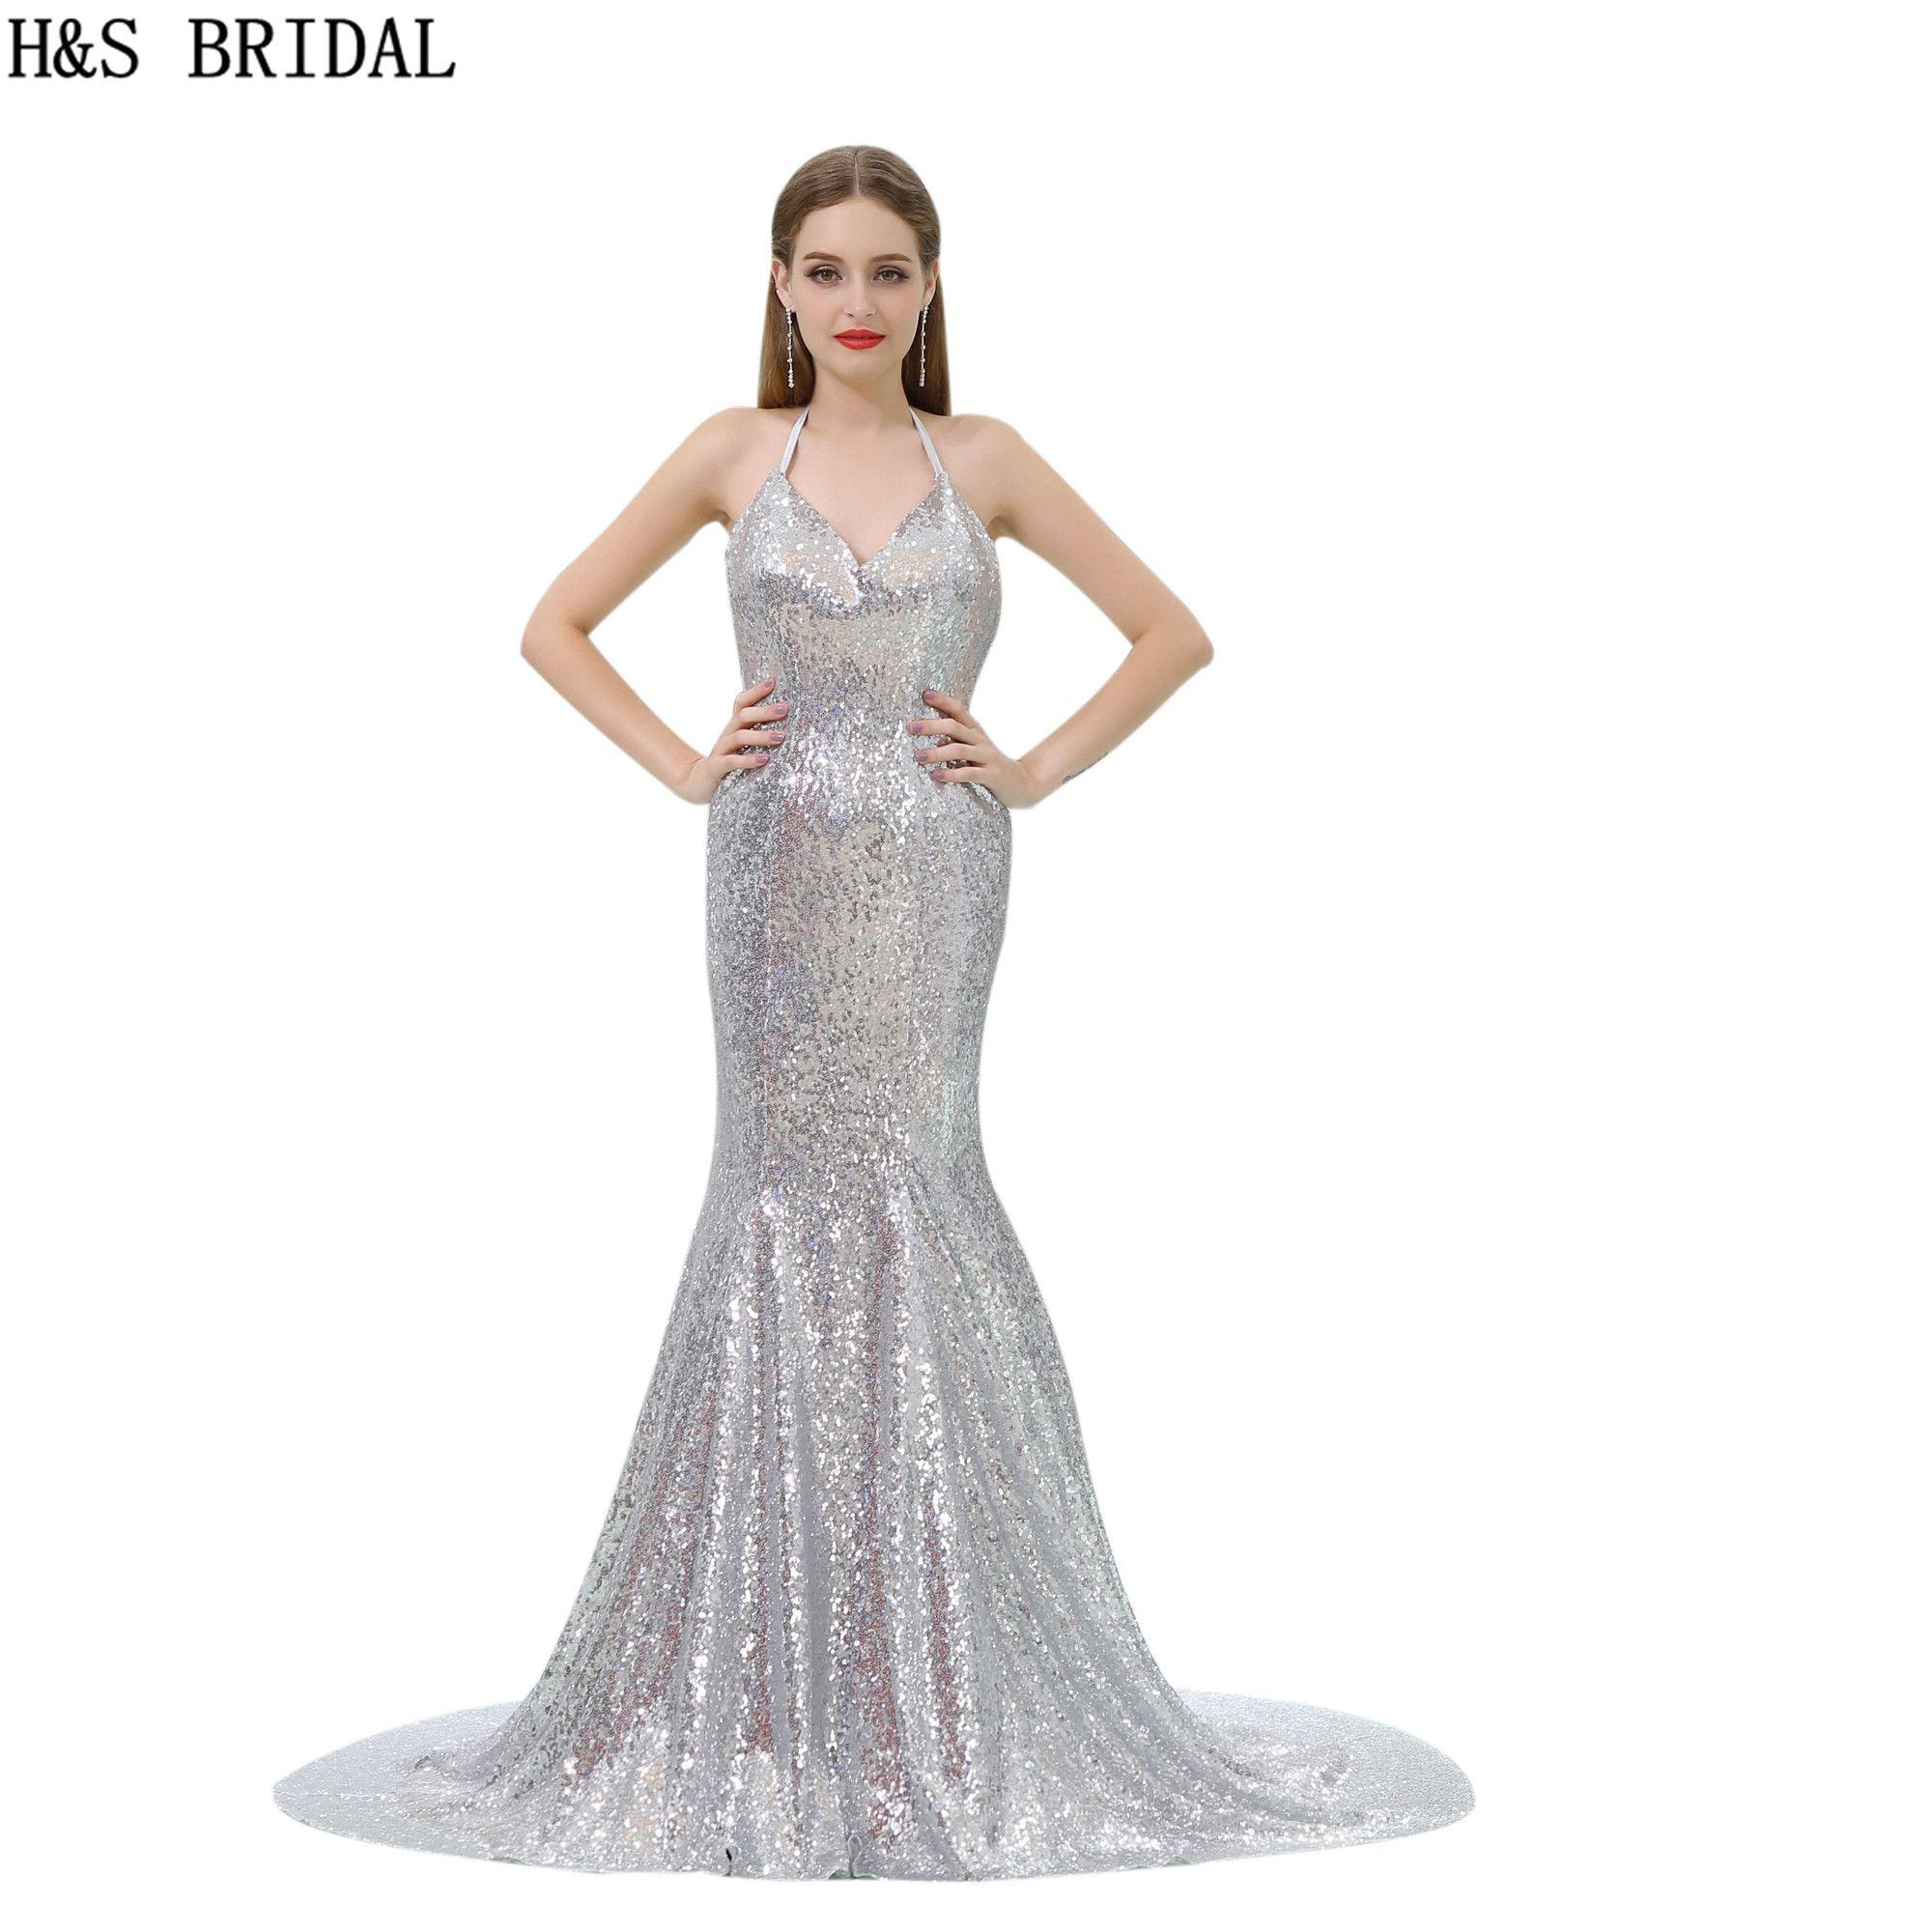 f617614d2275 Lentejuelas barato medianoche vestido de noche de plata profundo con cuello  en V vestido de fiesta de baile sirena vestido de lentejuelas vestido de ...